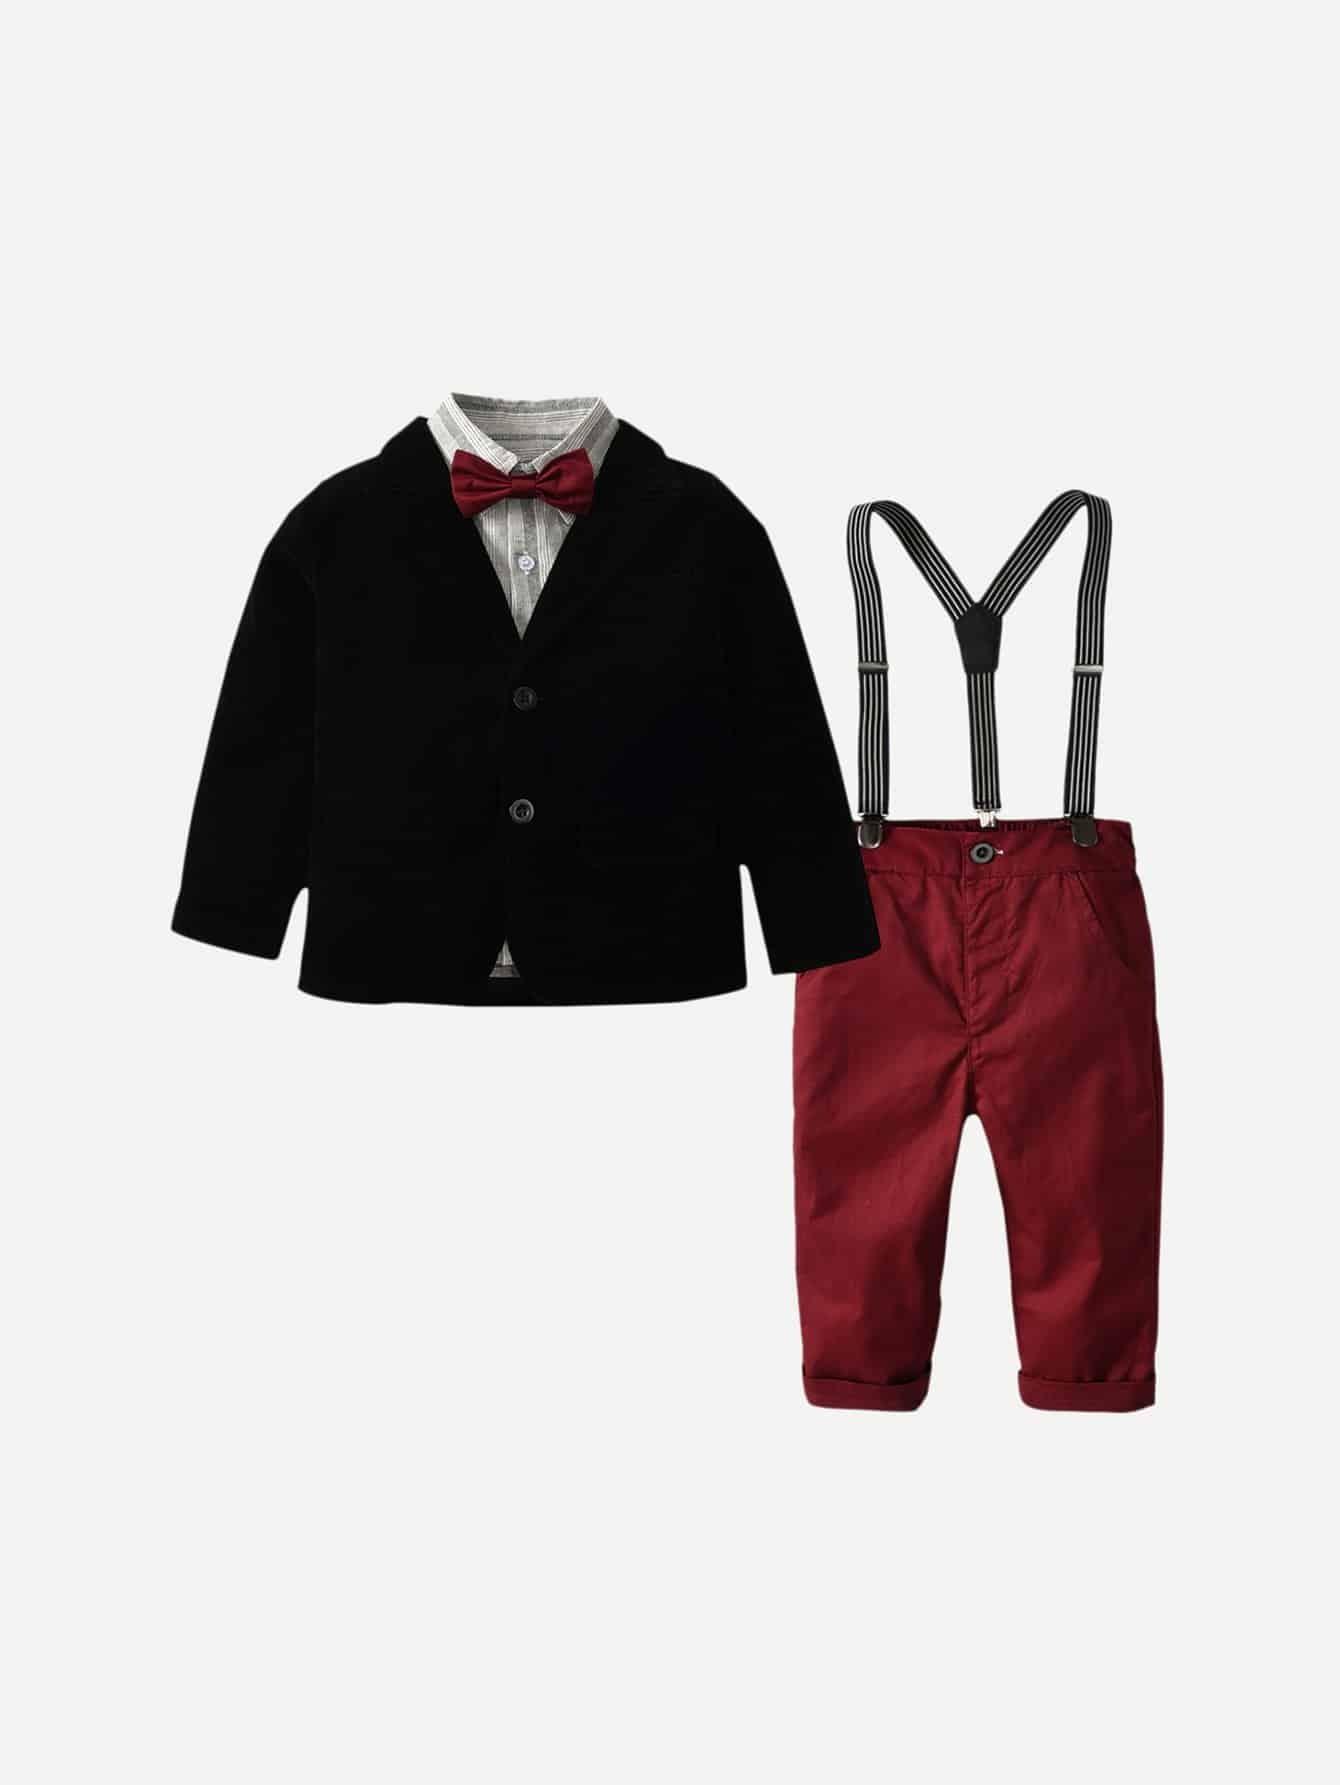 Фото - Однотонная куртка и полосатая футболка с воротник-бантом и комбинезон для маленьких мальчиков от SheIn цвет многоцветный